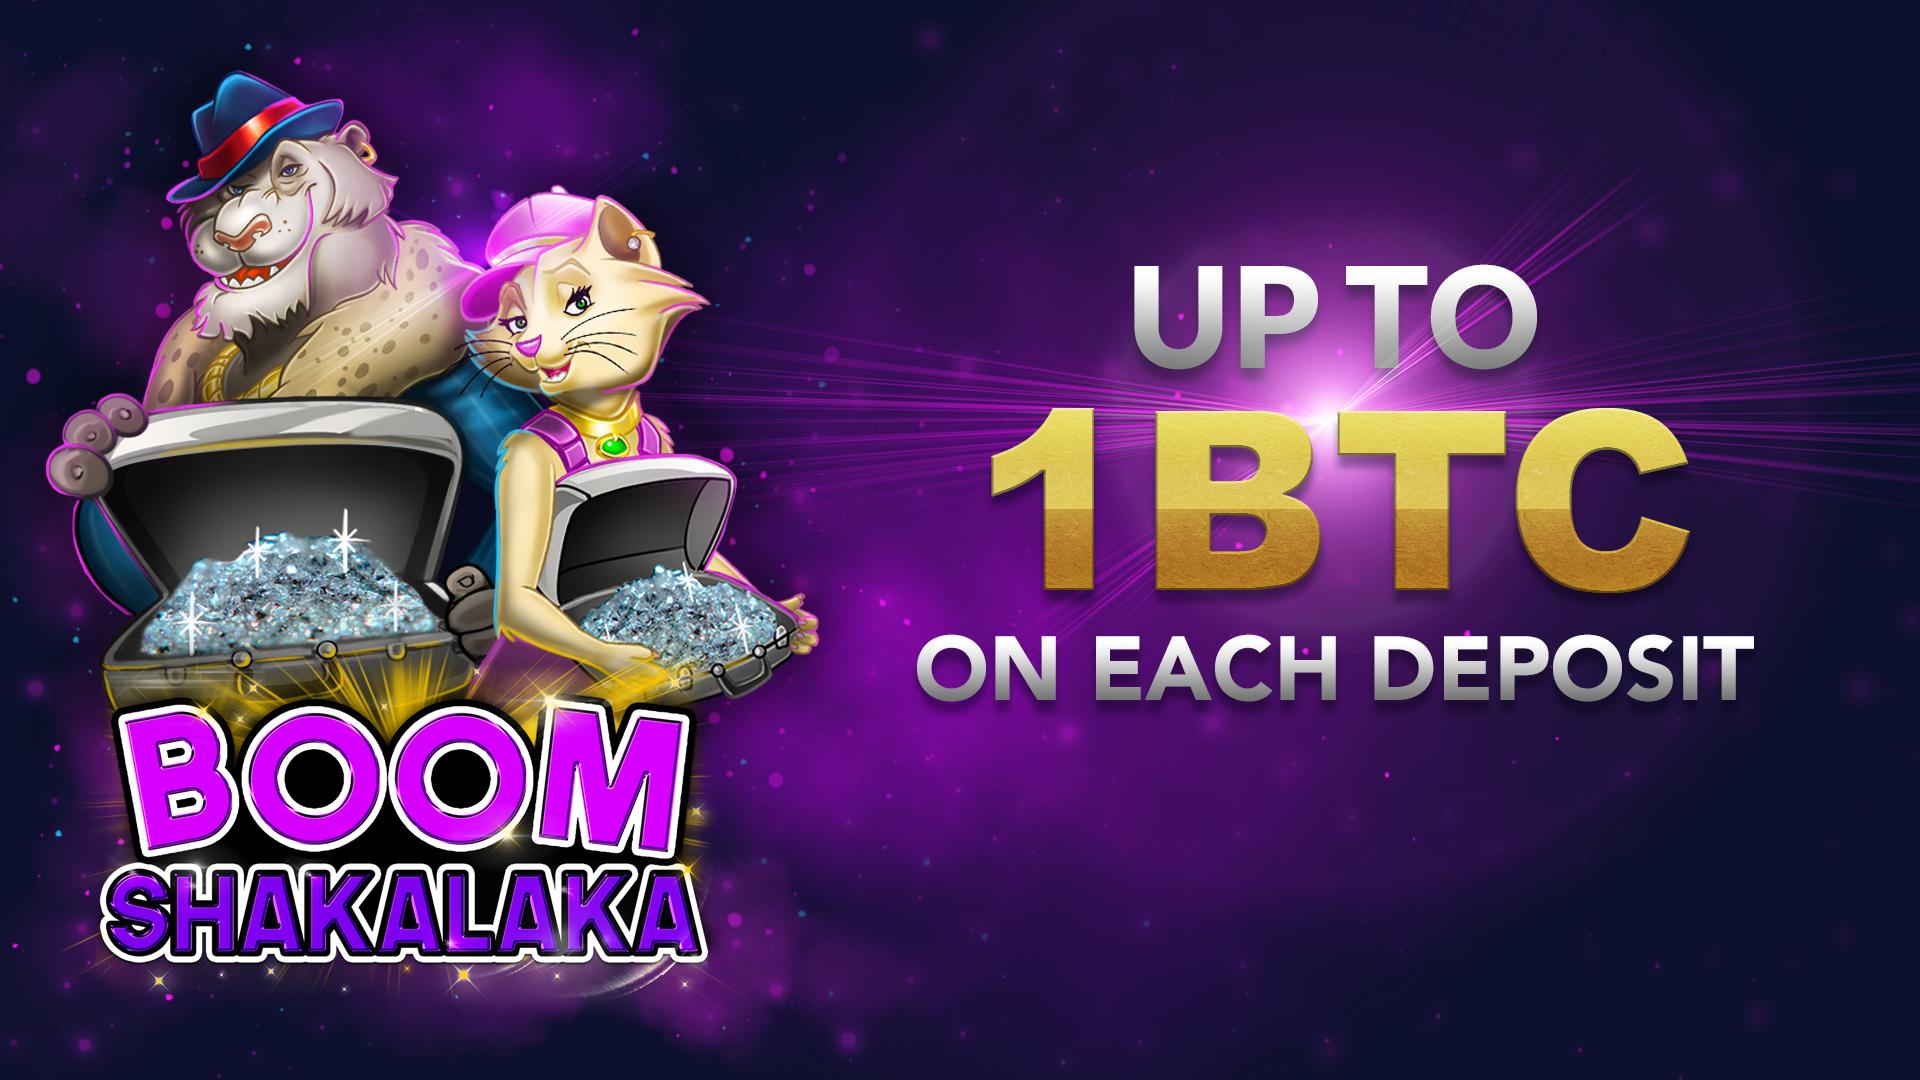 BoomShakalaka Promo